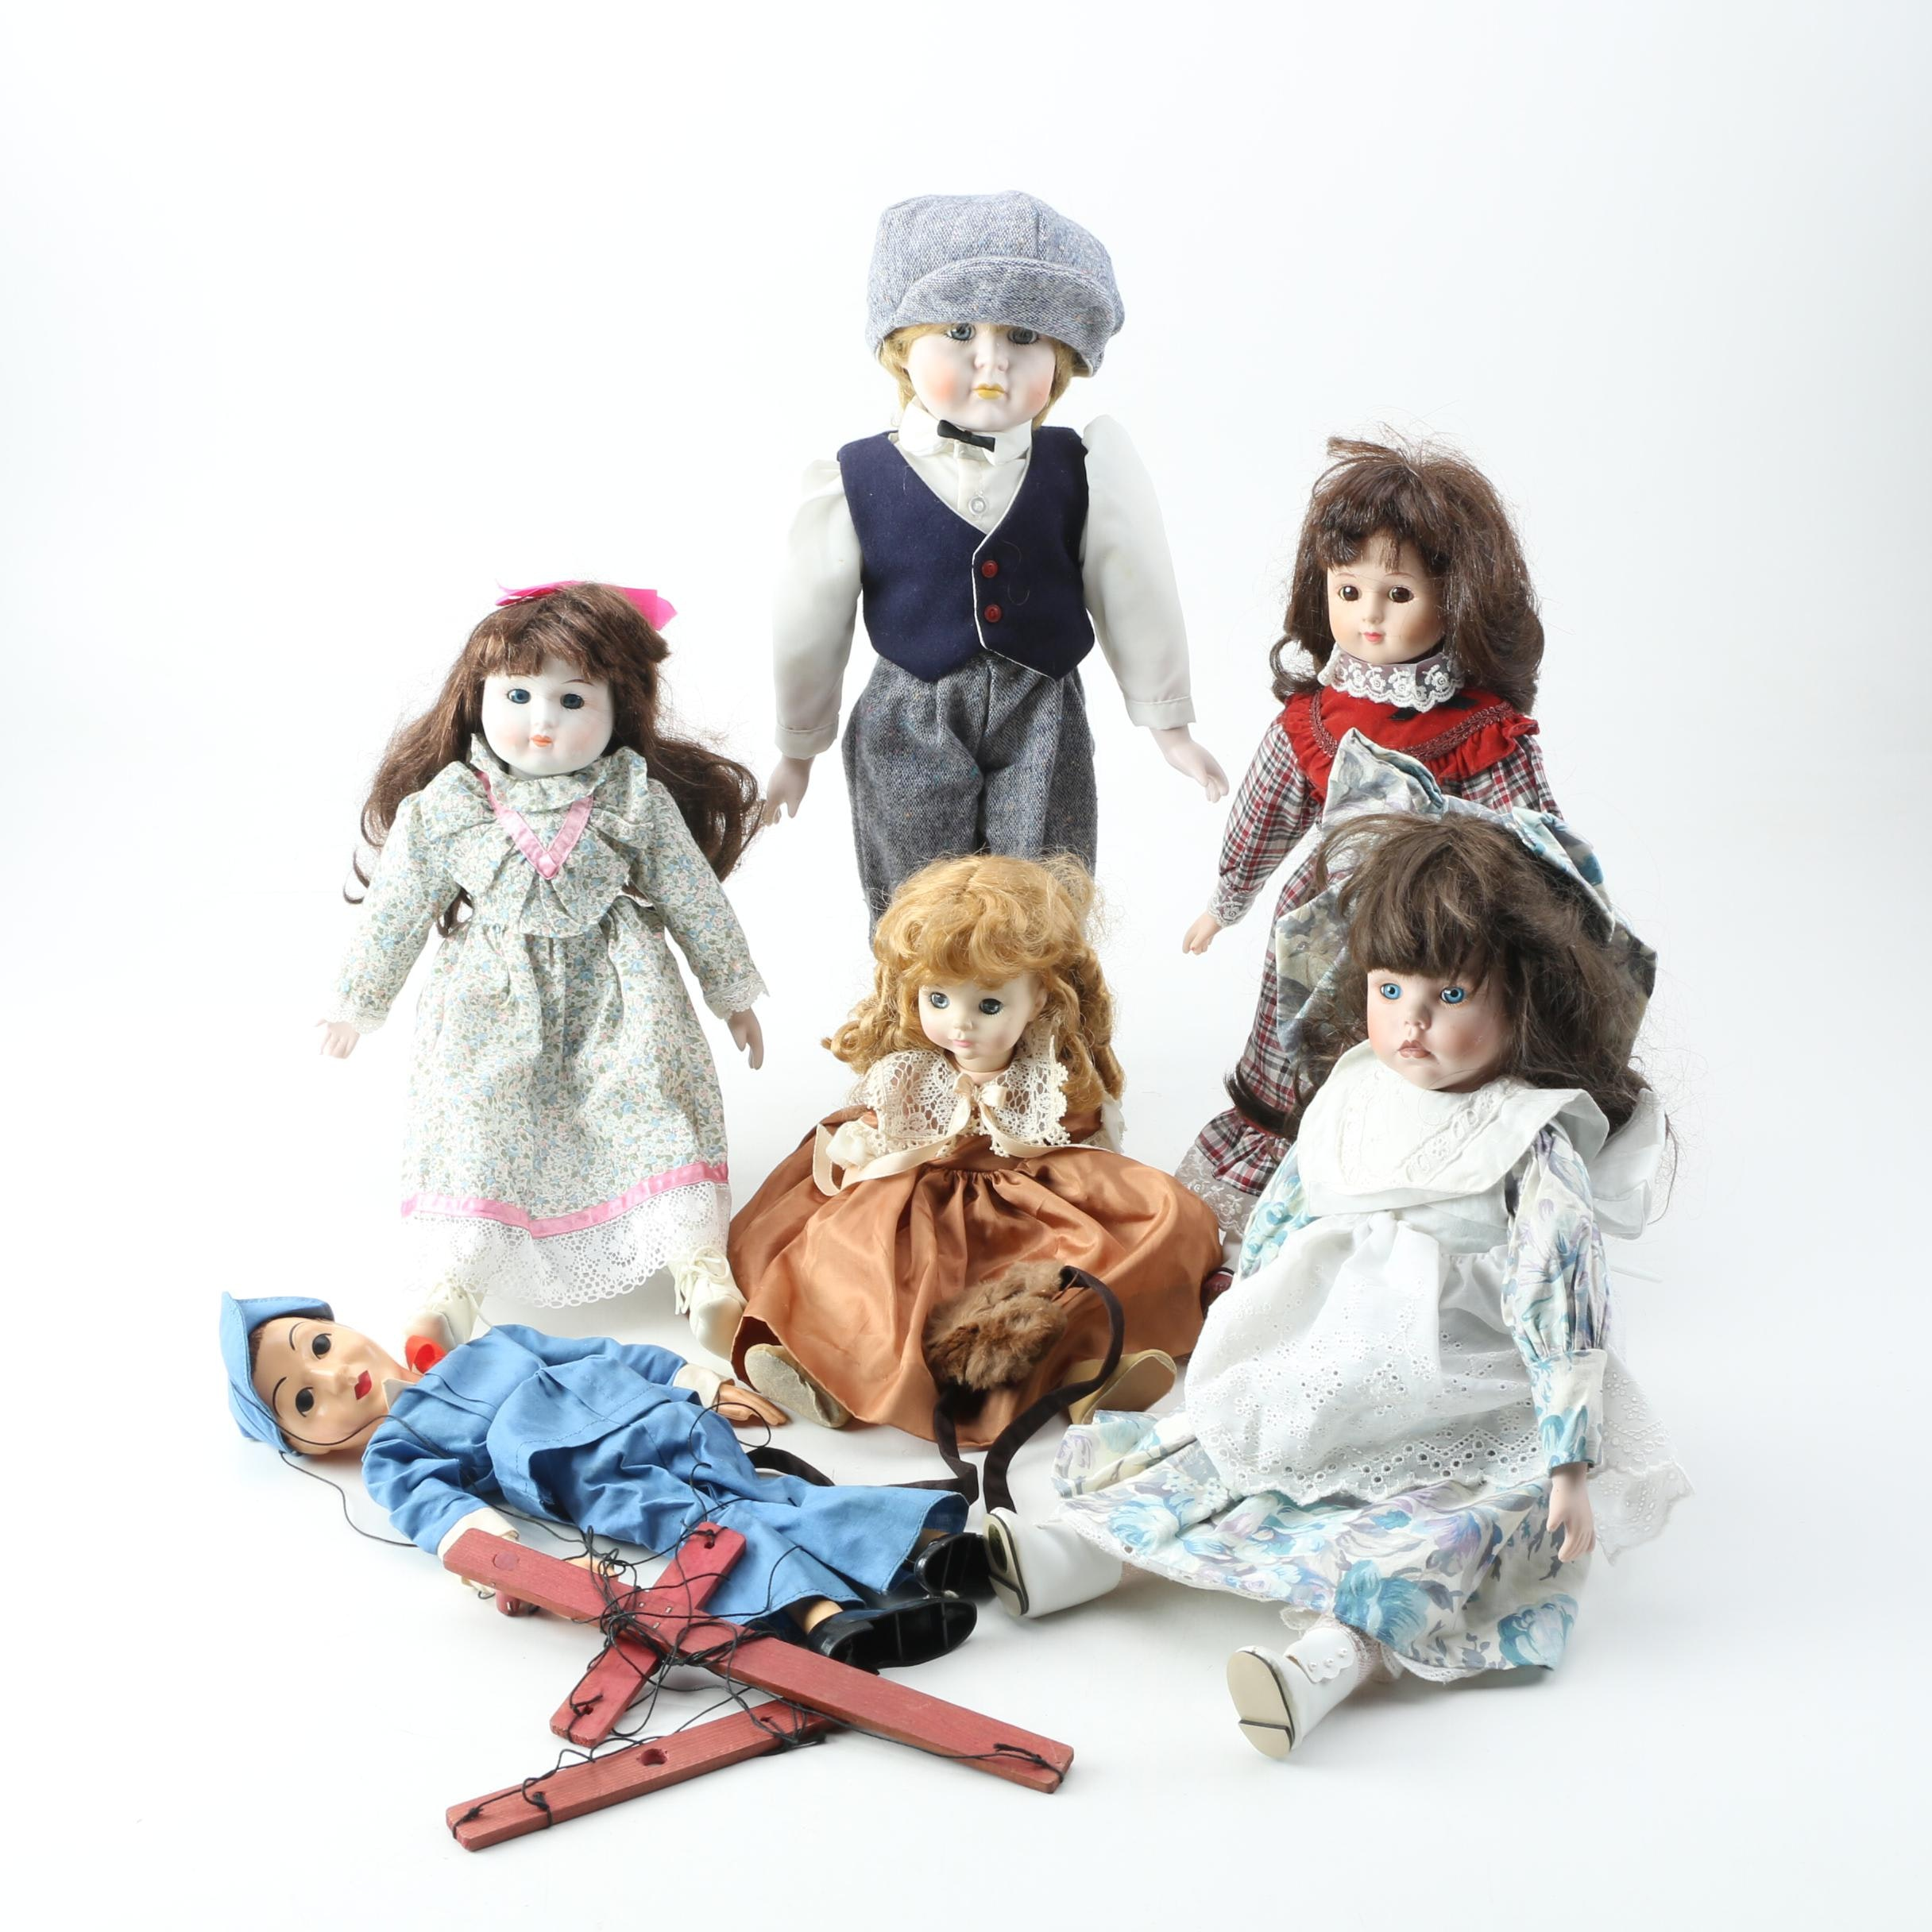 Vintage Marionette and Porcelain Dolls